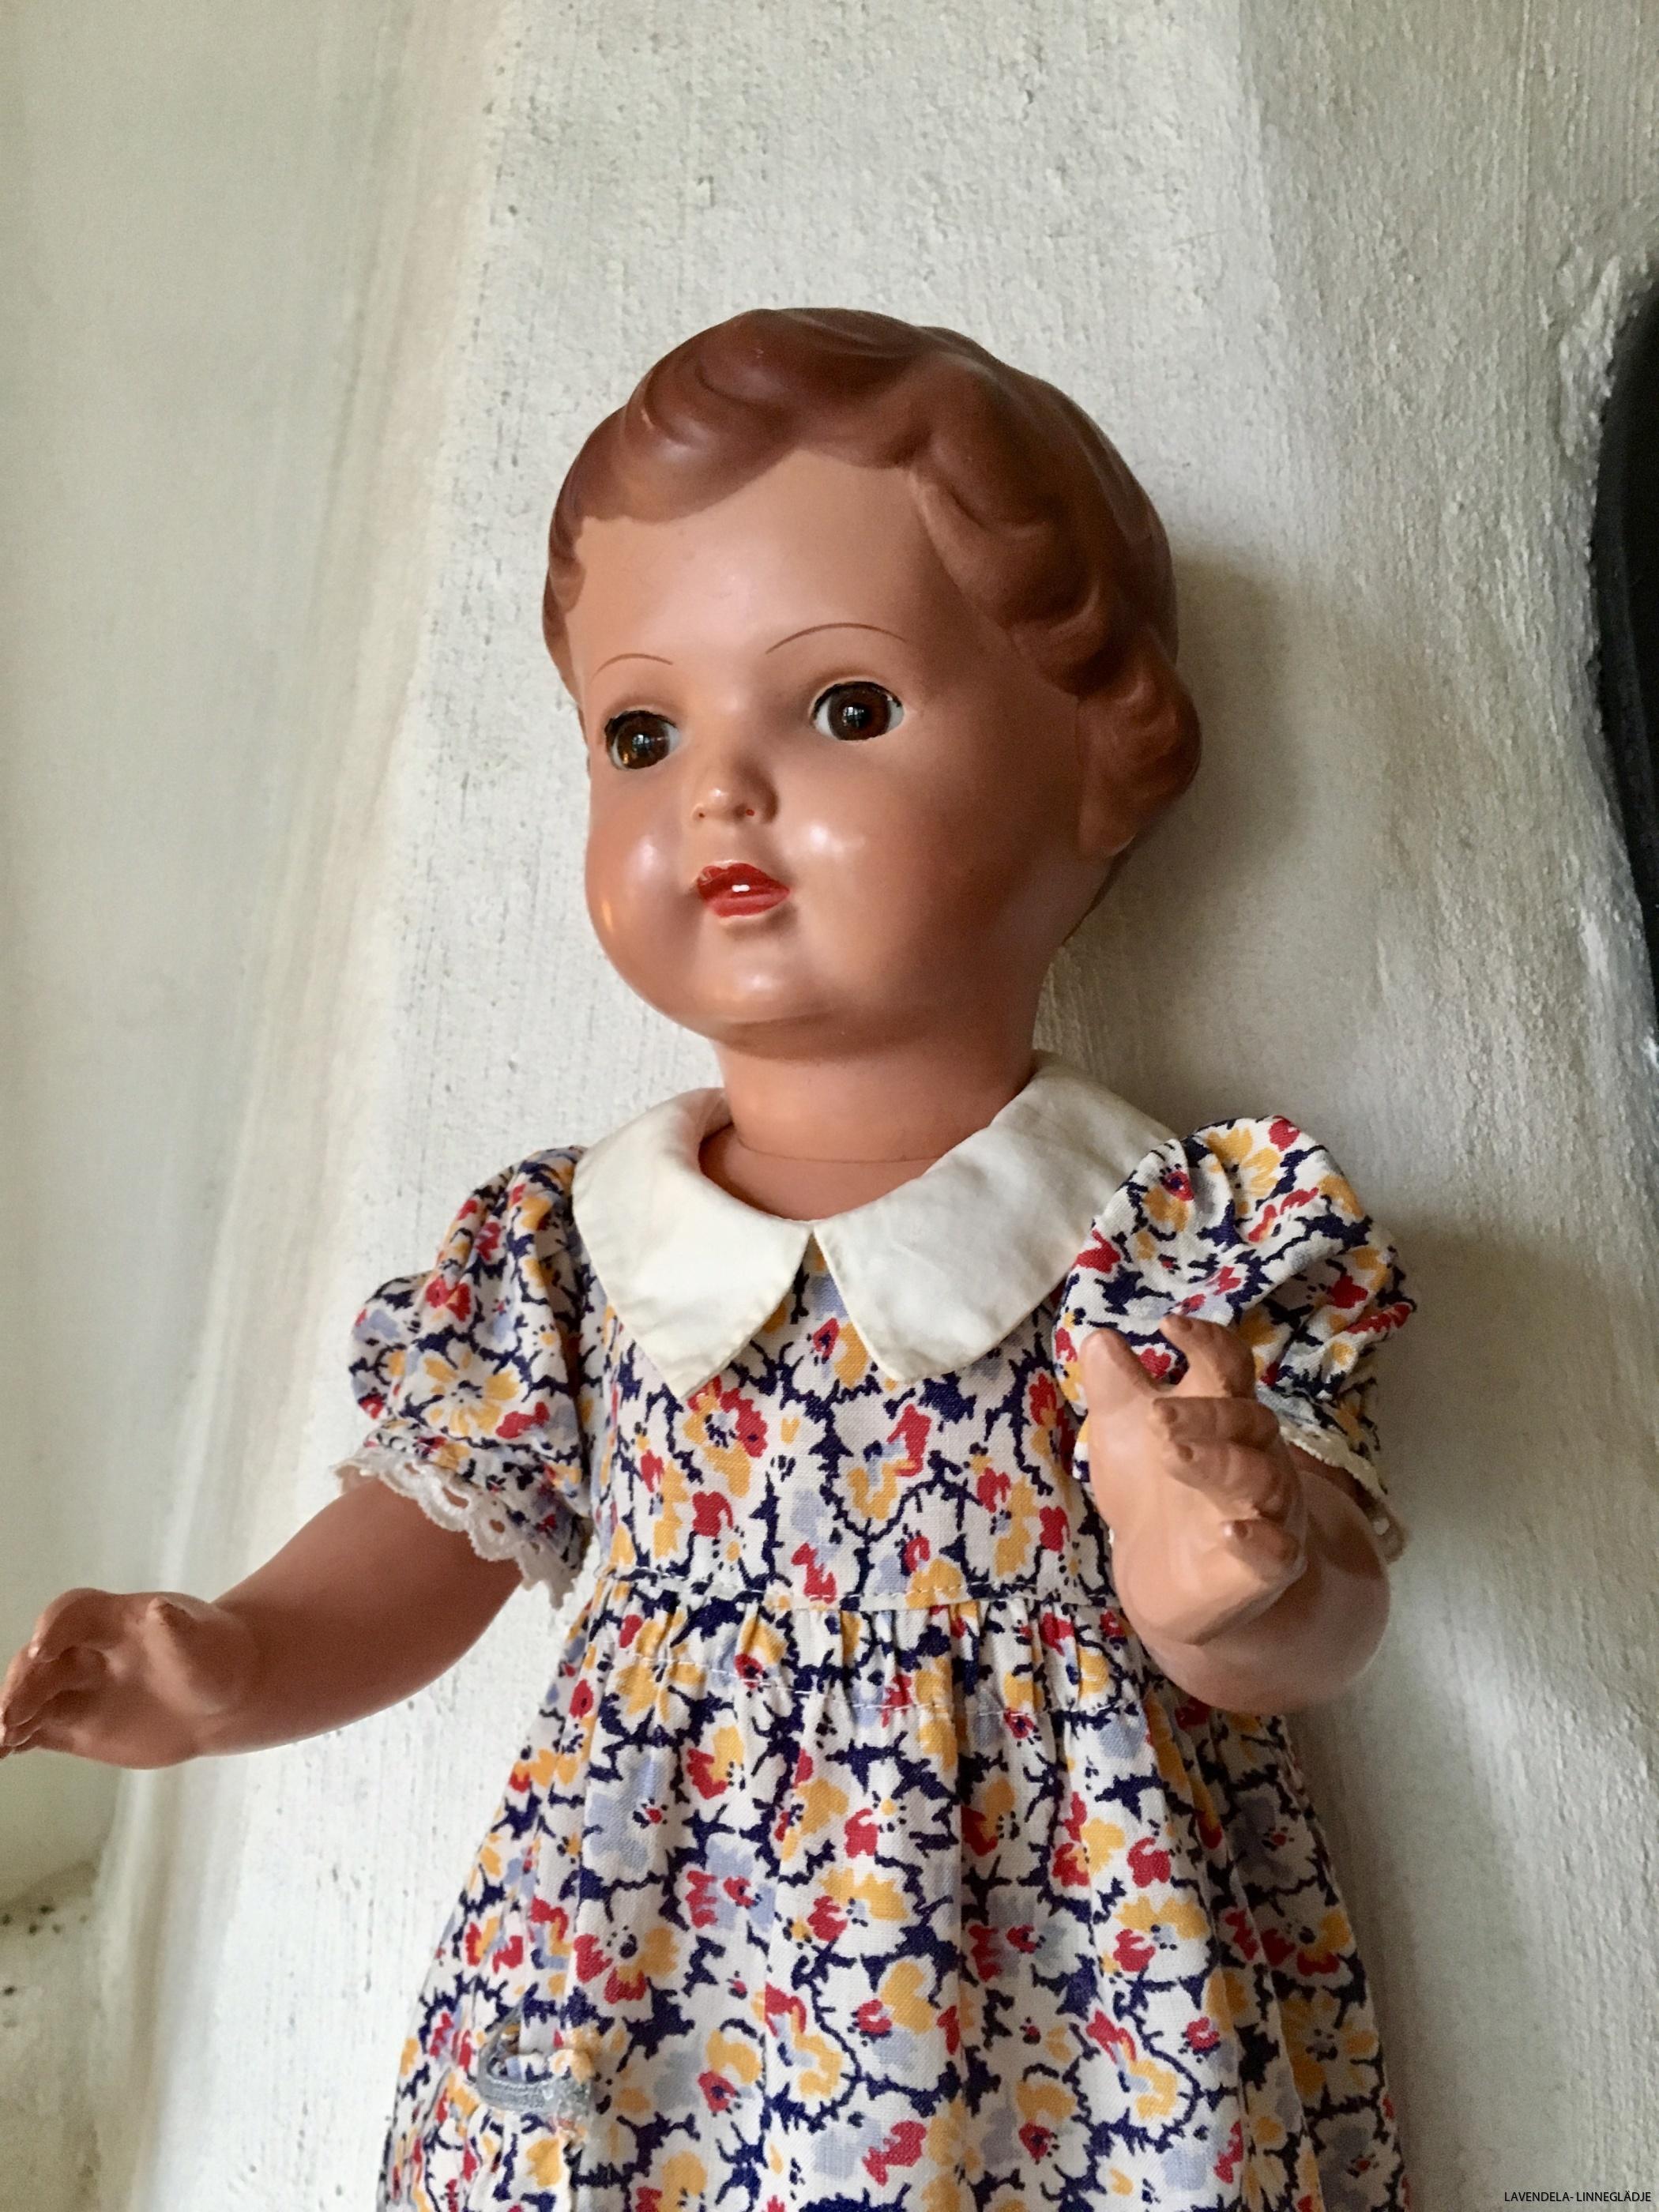 Klädd i 50-tals klänning